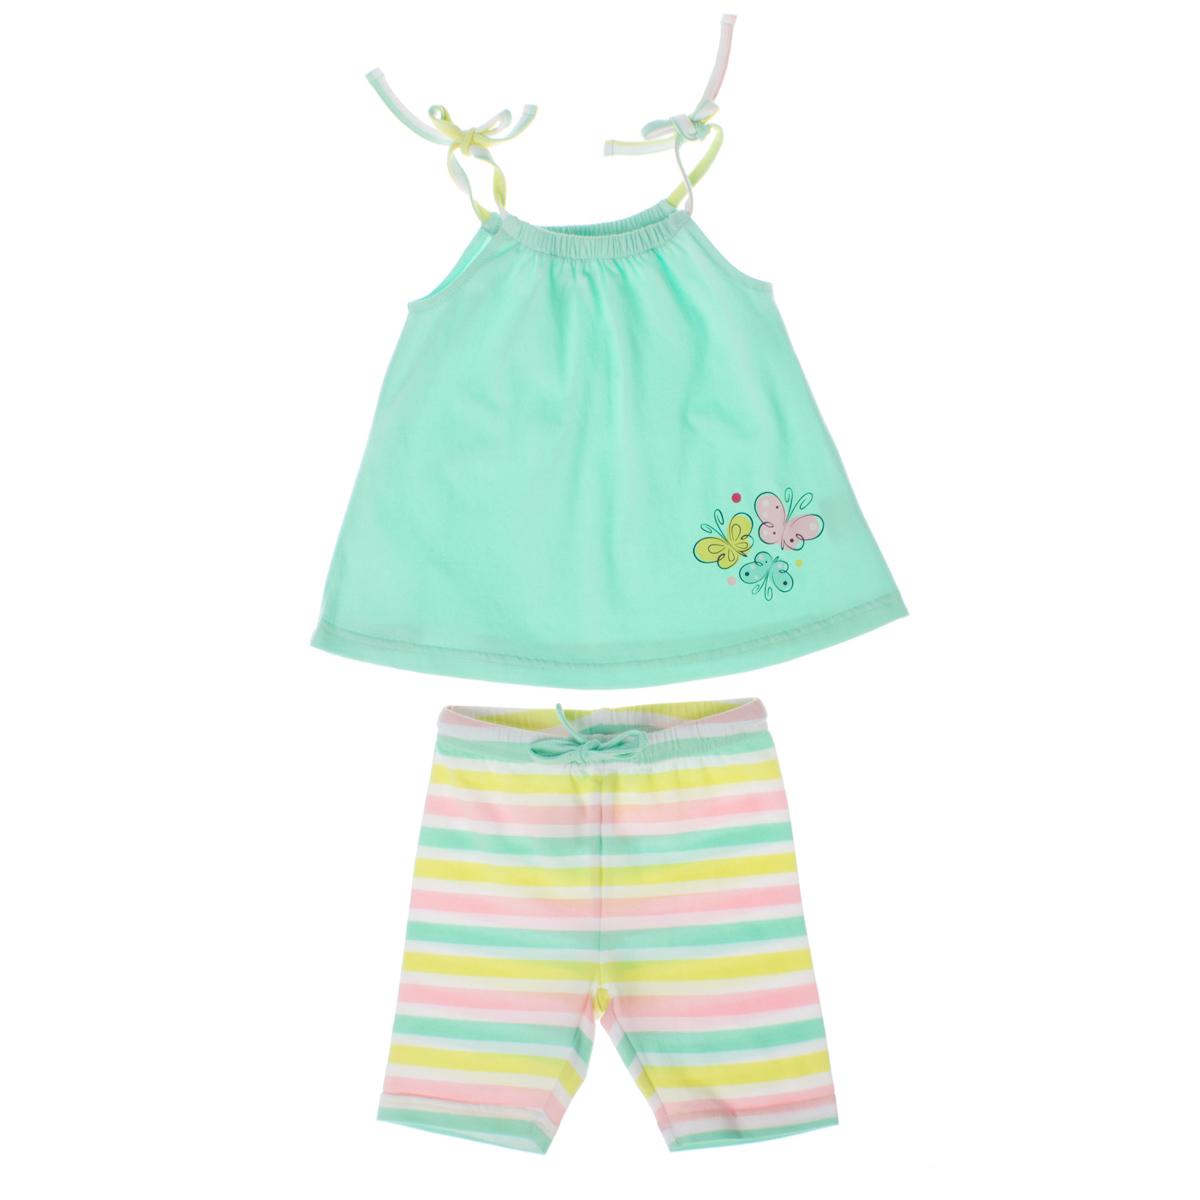 Комплект: майка, шорты 168057